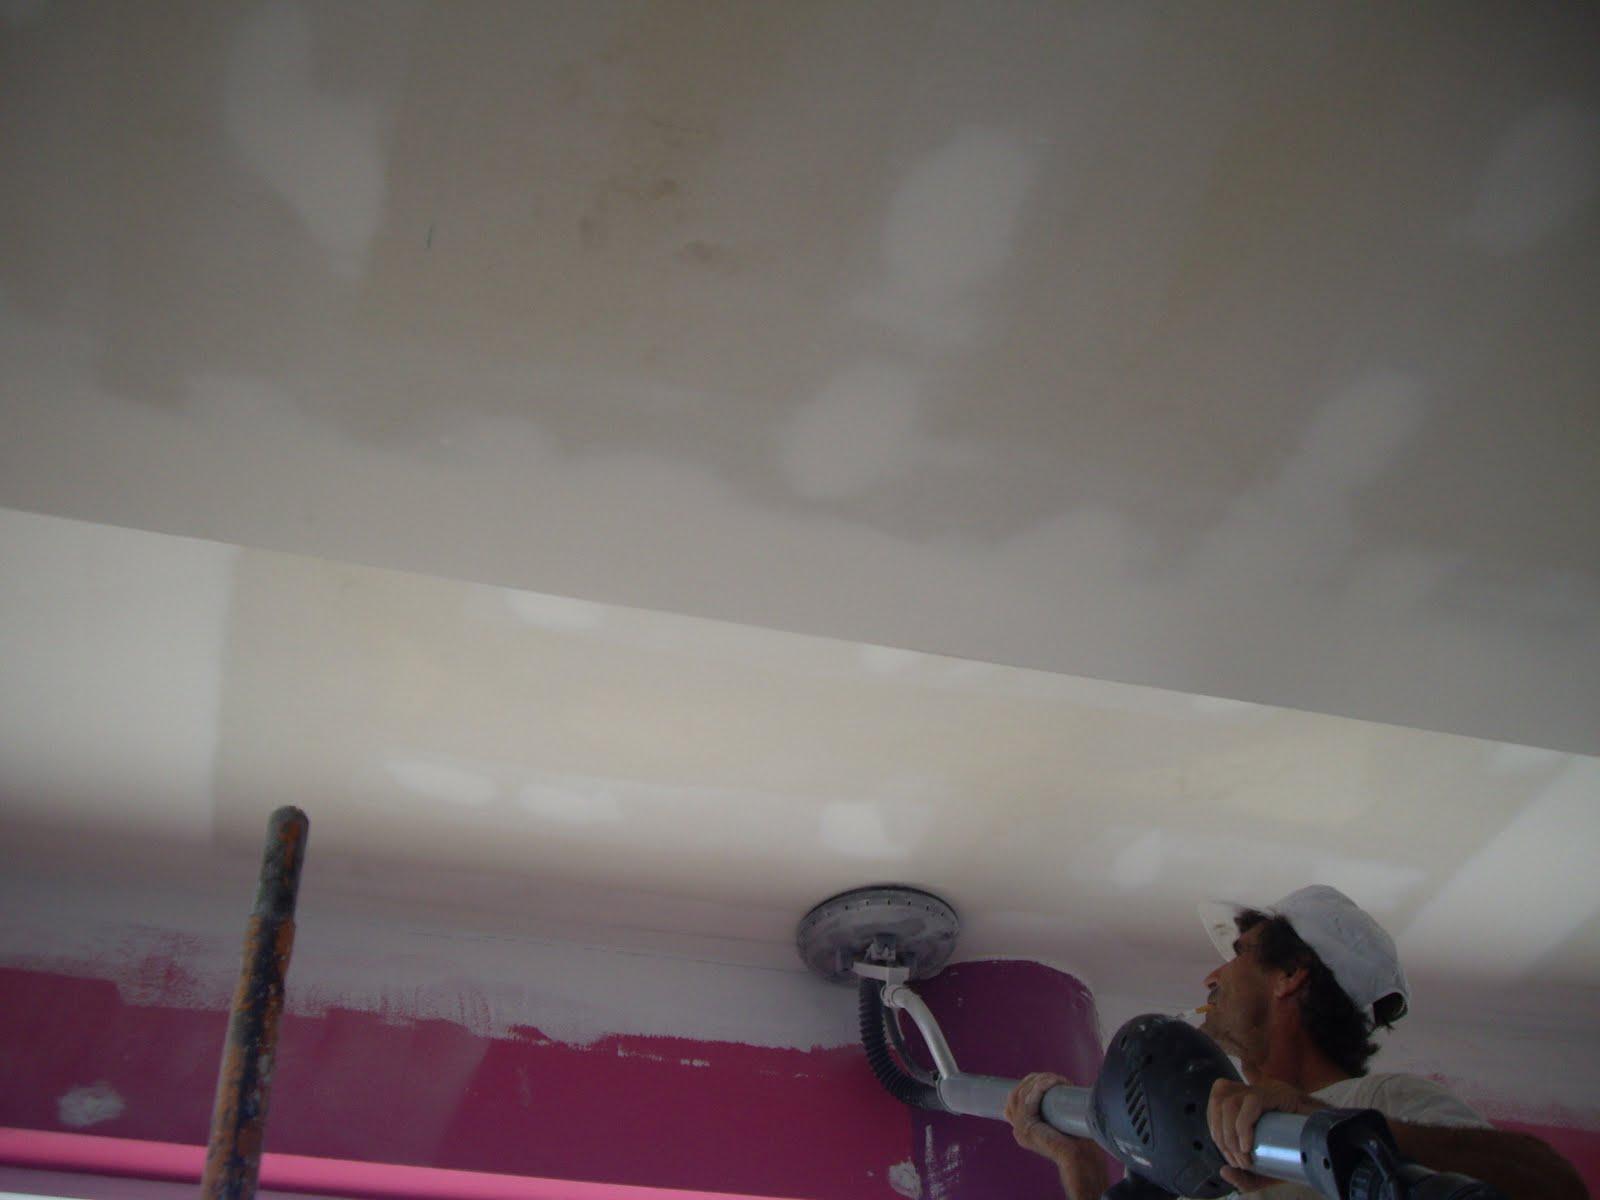 decoracao interiores em pladur: : Preparação do pladur (lixar) para  #8D3E5F 1600 1200